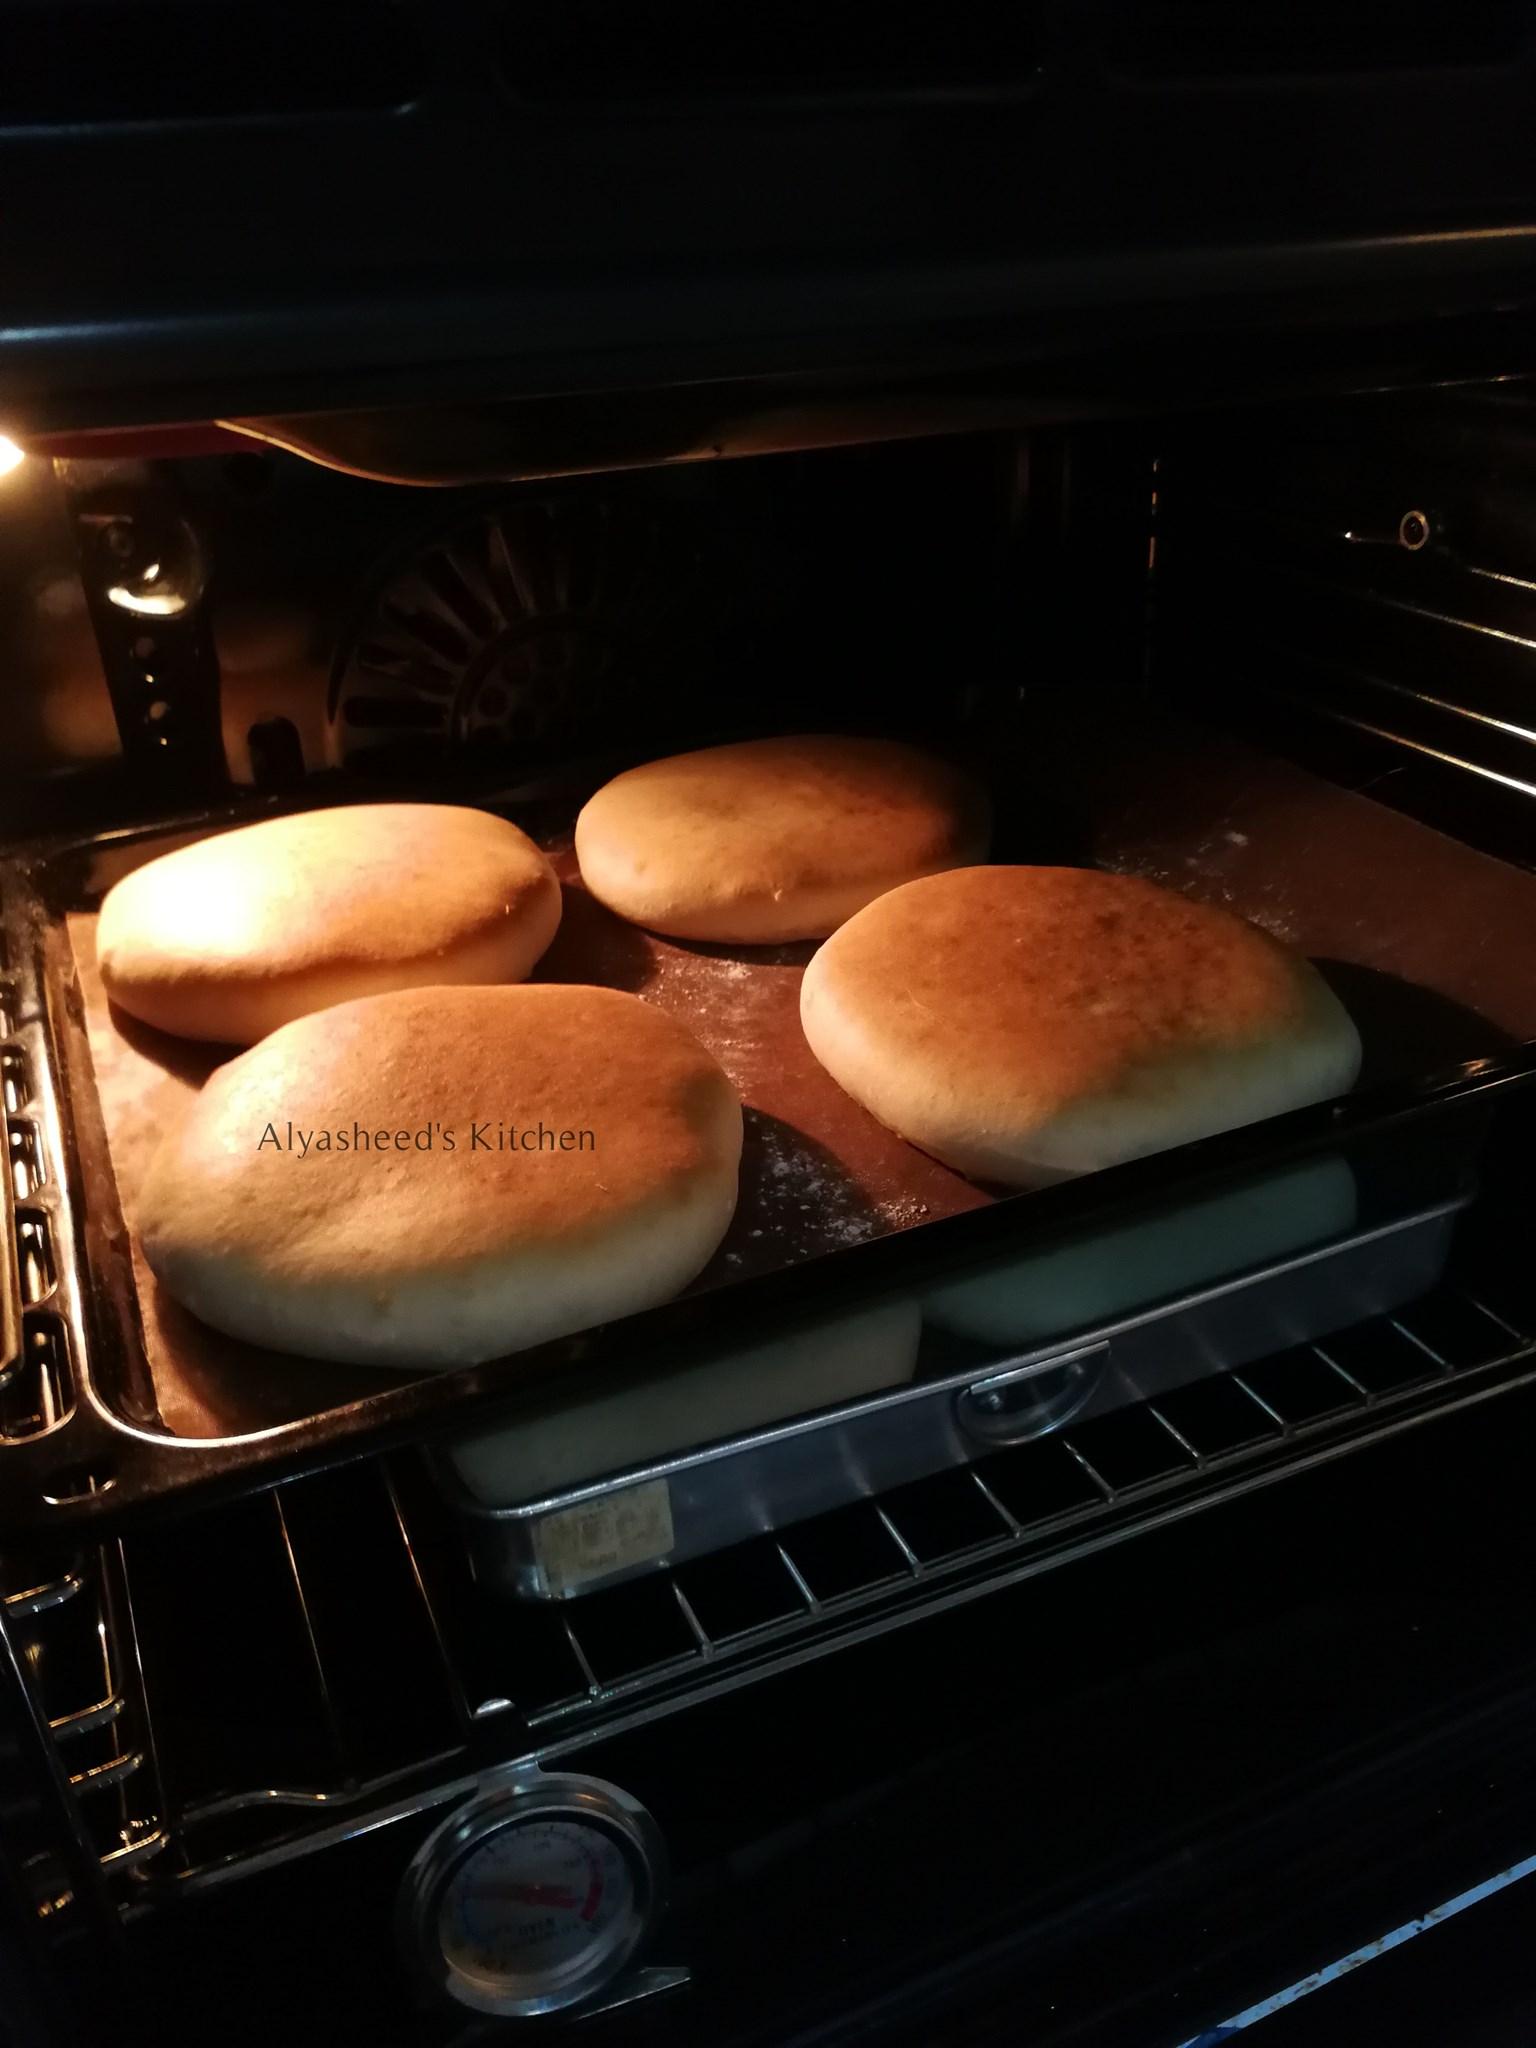 membuat roti arab mudah  enak dicicah bersama rendang memang padu  resepi Resepi Roti Arab Telur Enak dan Mudah